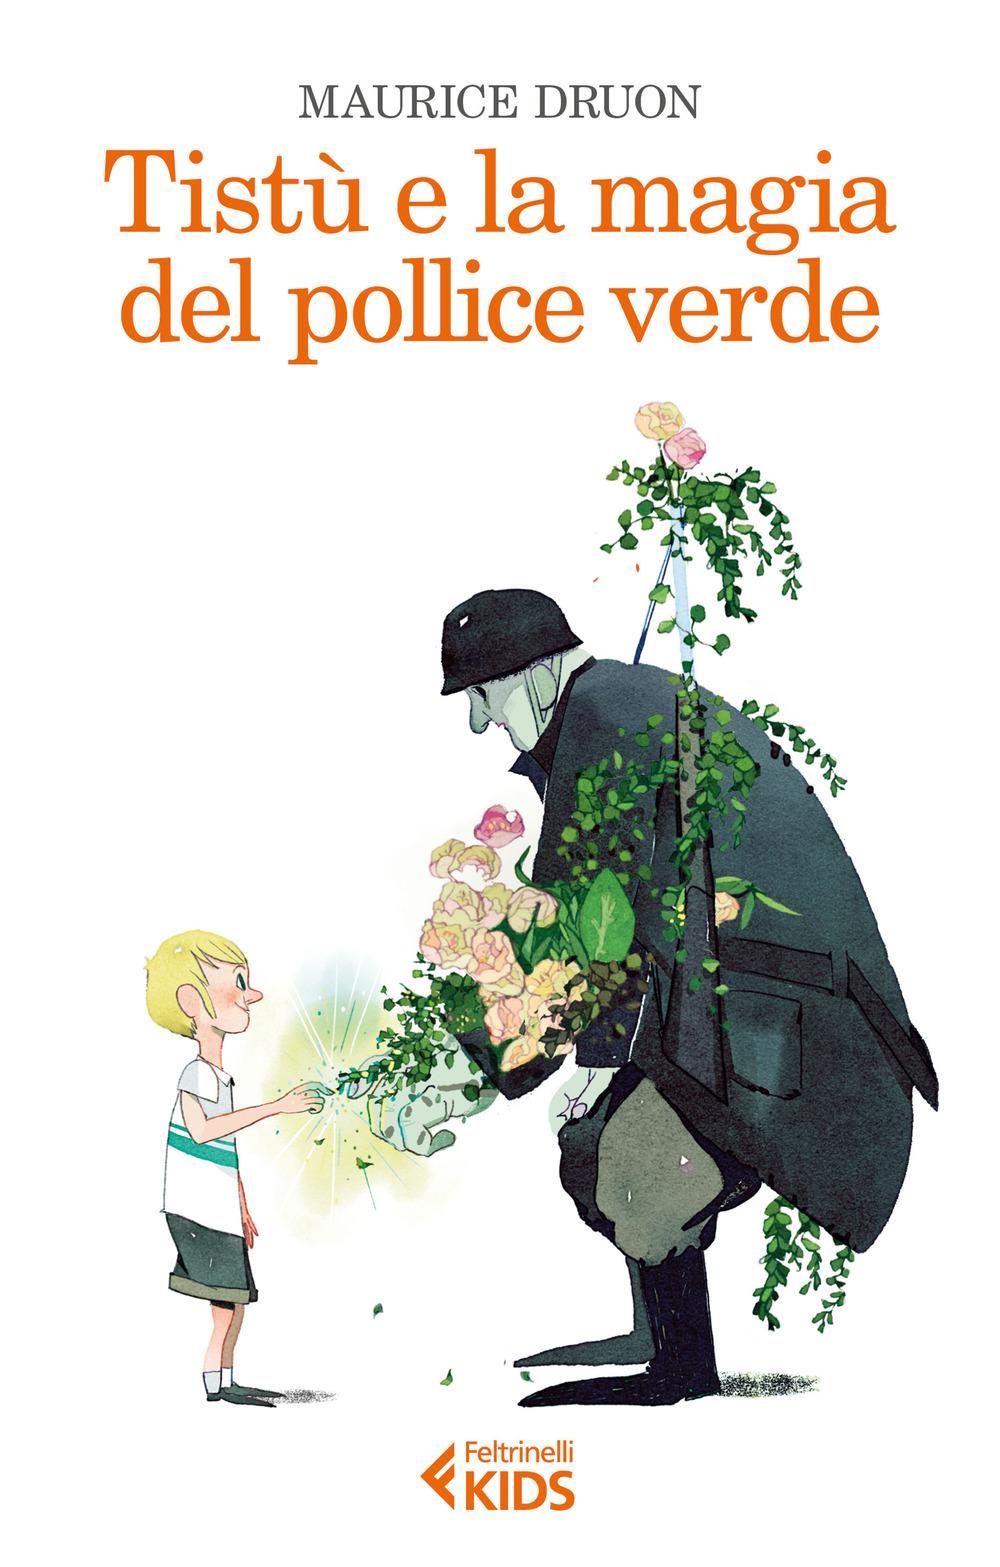 TISTÙ E LA MAGIA DEL POLLICE VERDE - 9788807922954